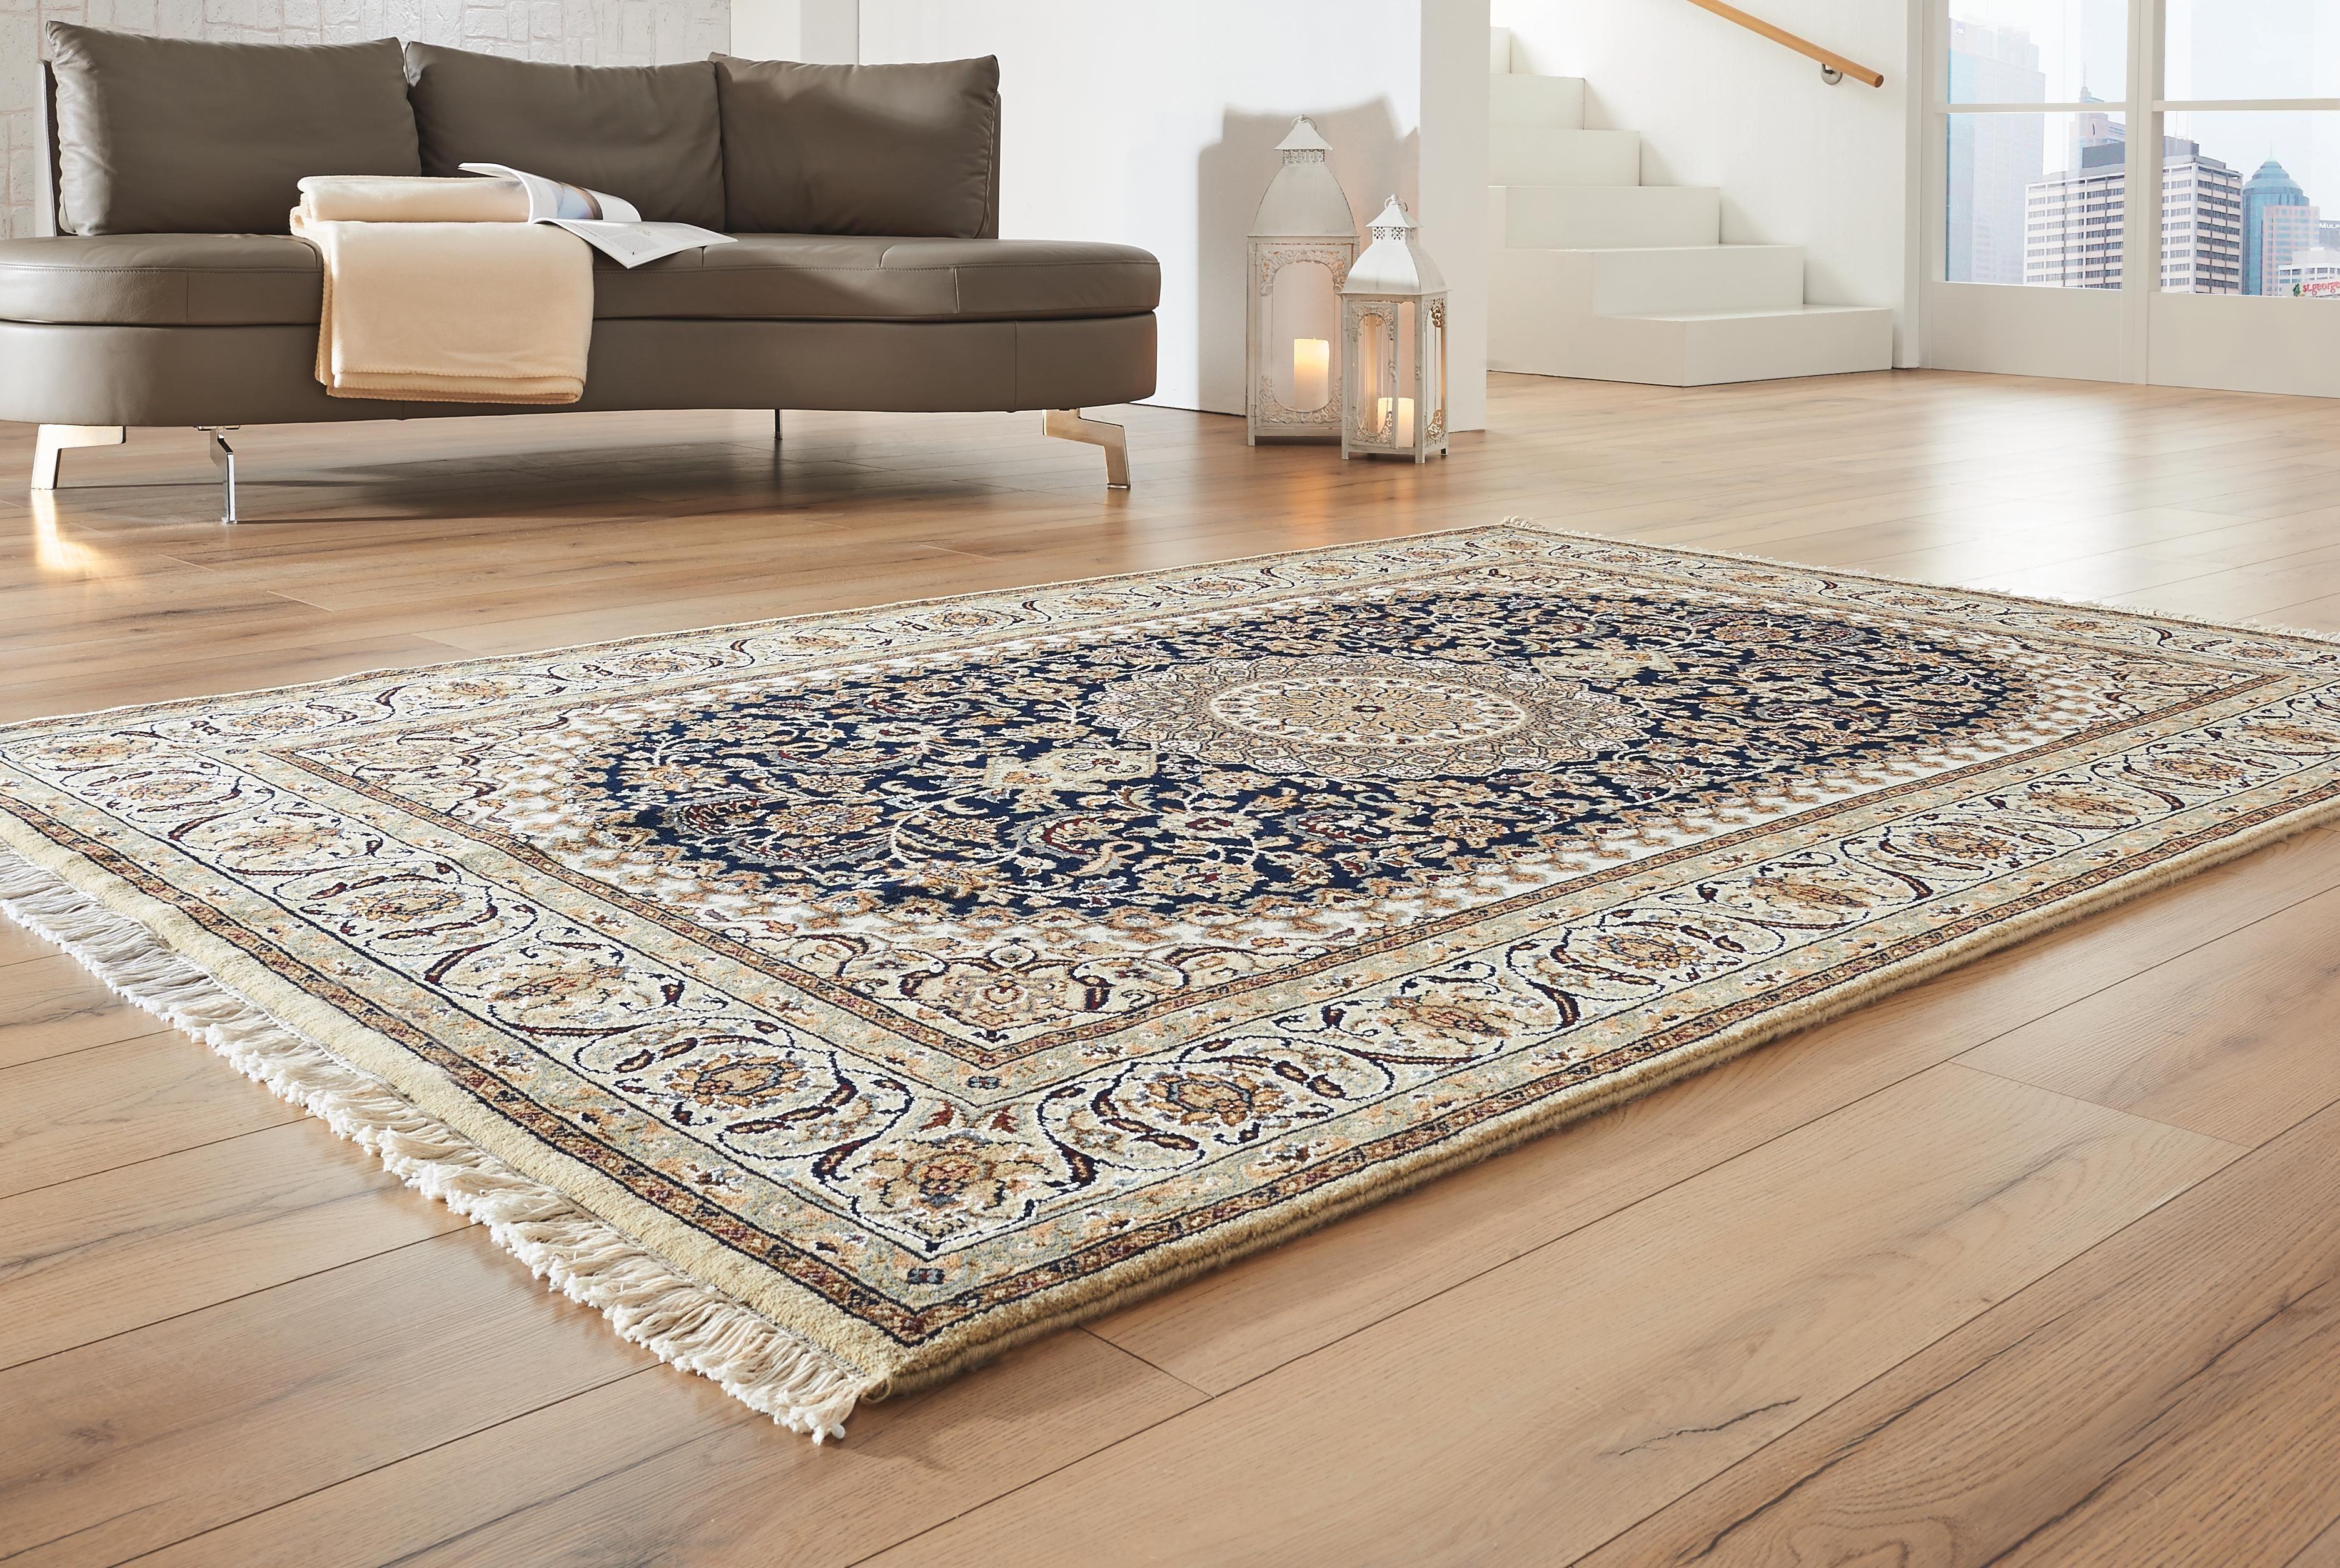 Teppich flachgewebe ruggy blau beige kaufen bei teppichversand